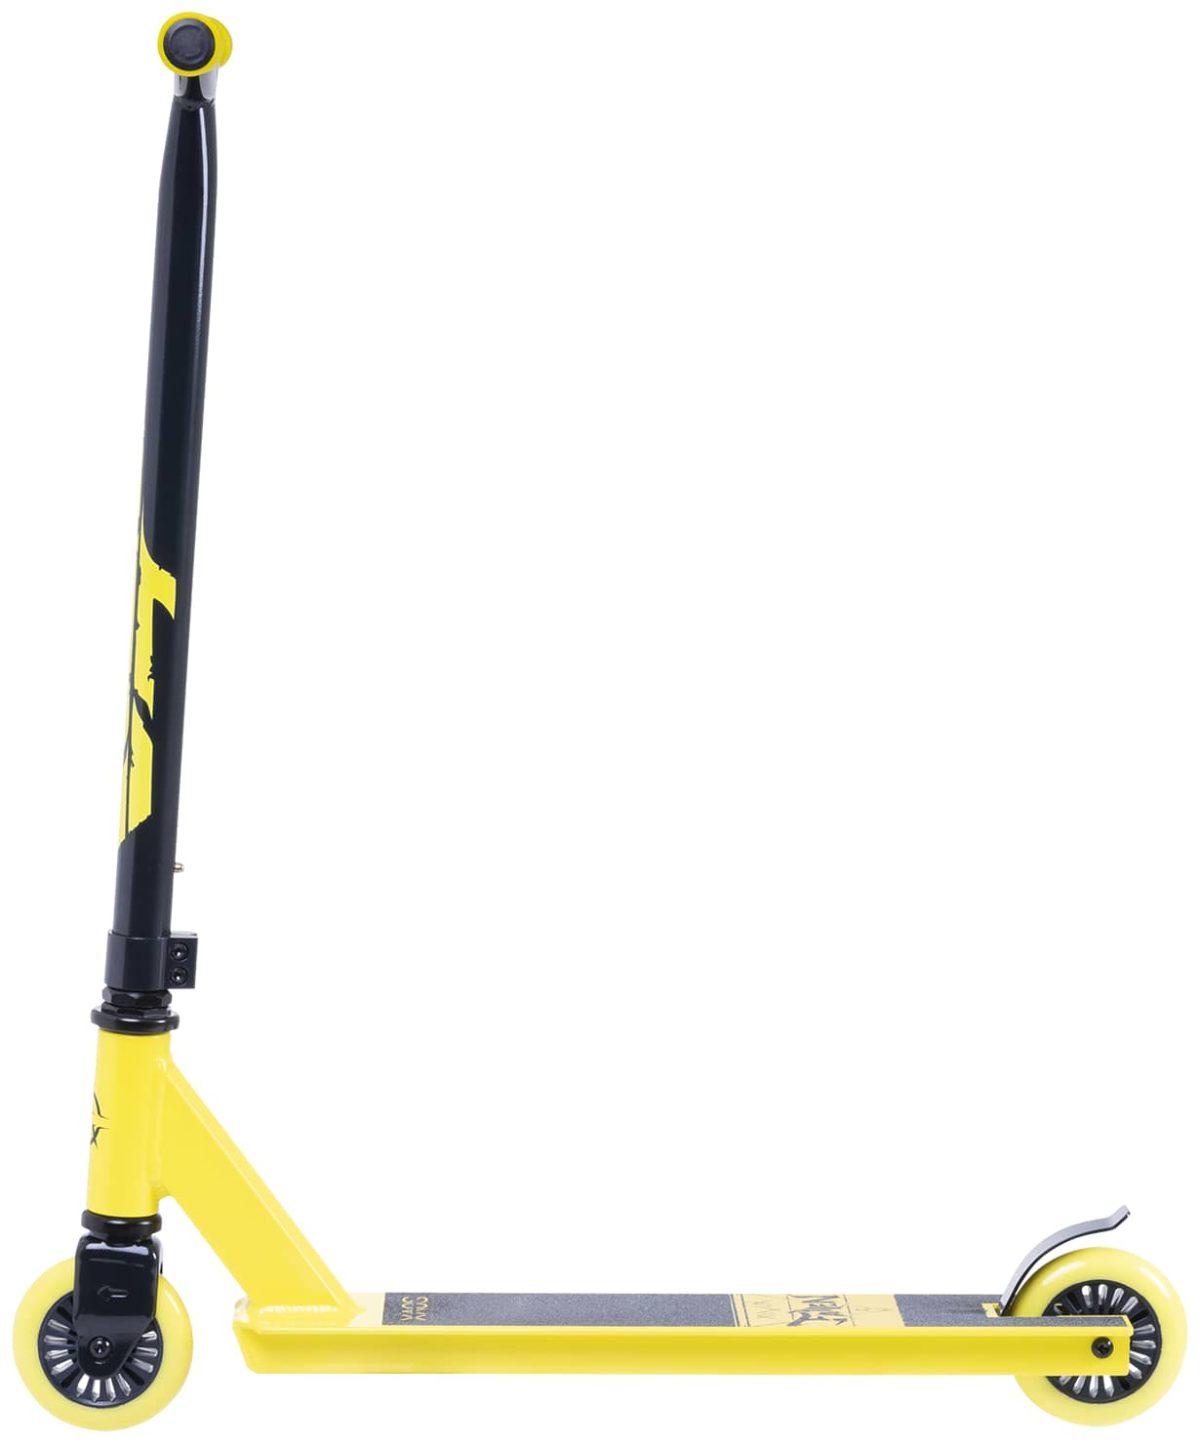 XAOS Fallen Cамокат трюковый 100 мм  Fallen: Yellow - 3